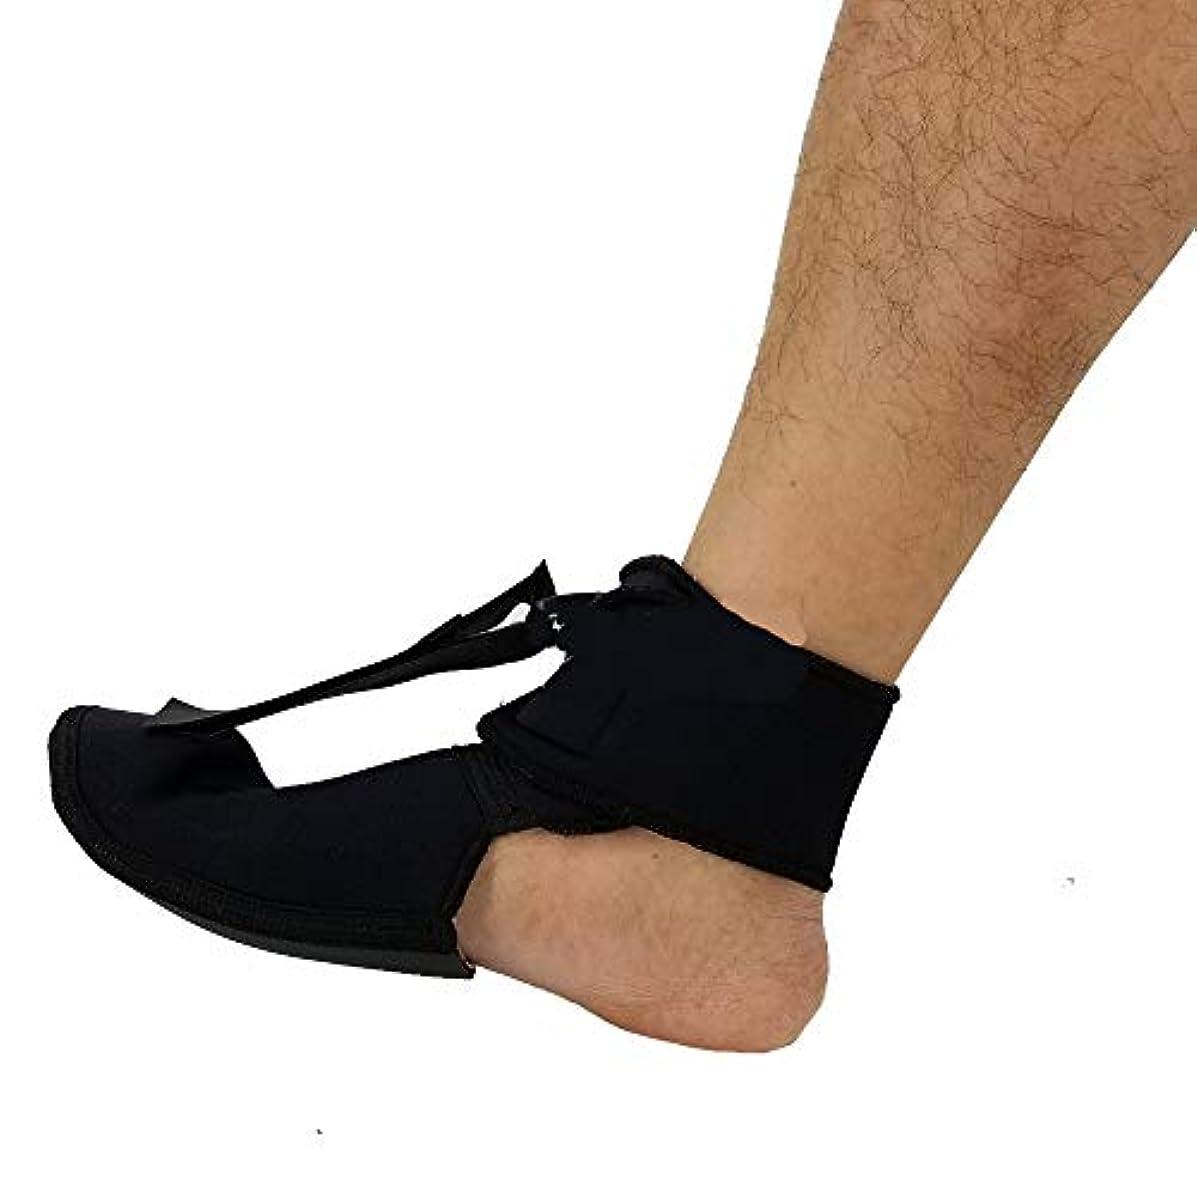 破産気球気分が良い足底筋膜炎ナイトソックス、睡眠用ソフトストレッチブーツスプリント、アキレス腱炎フットサポートブレース&ヒールコンプレッションスリーブ,M